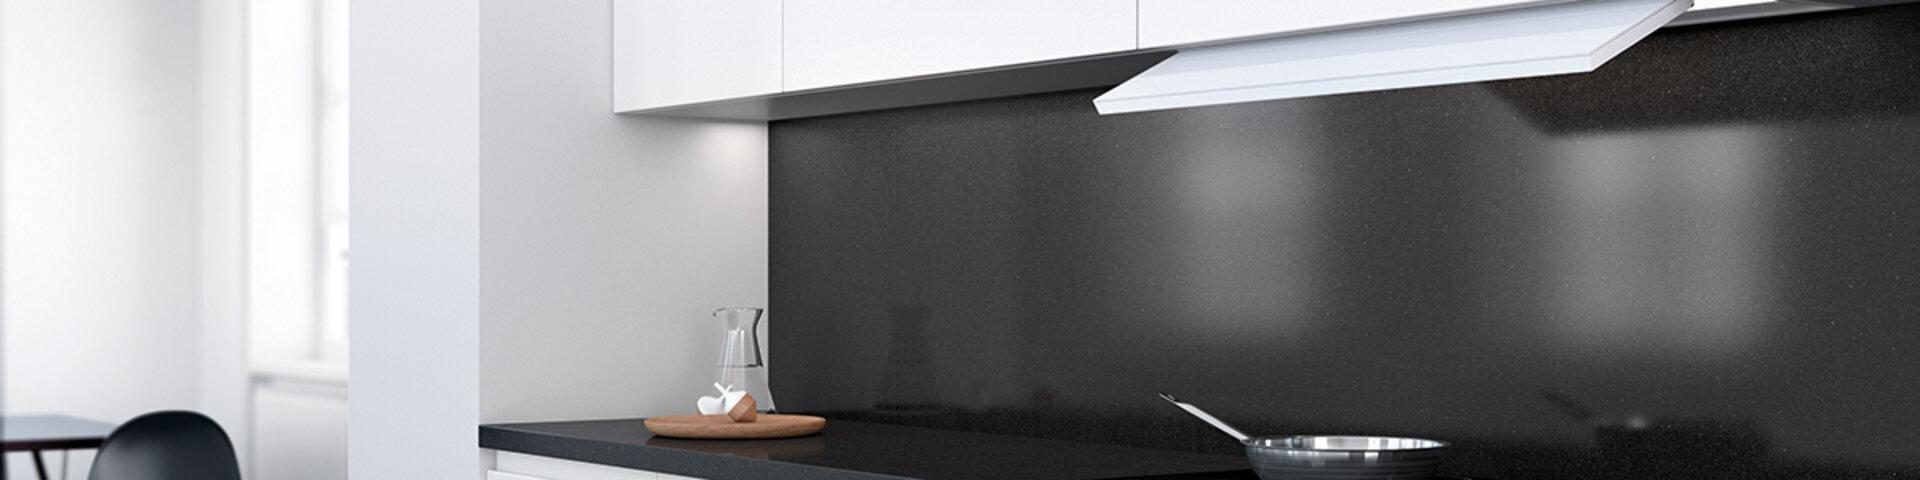 Novy keukens